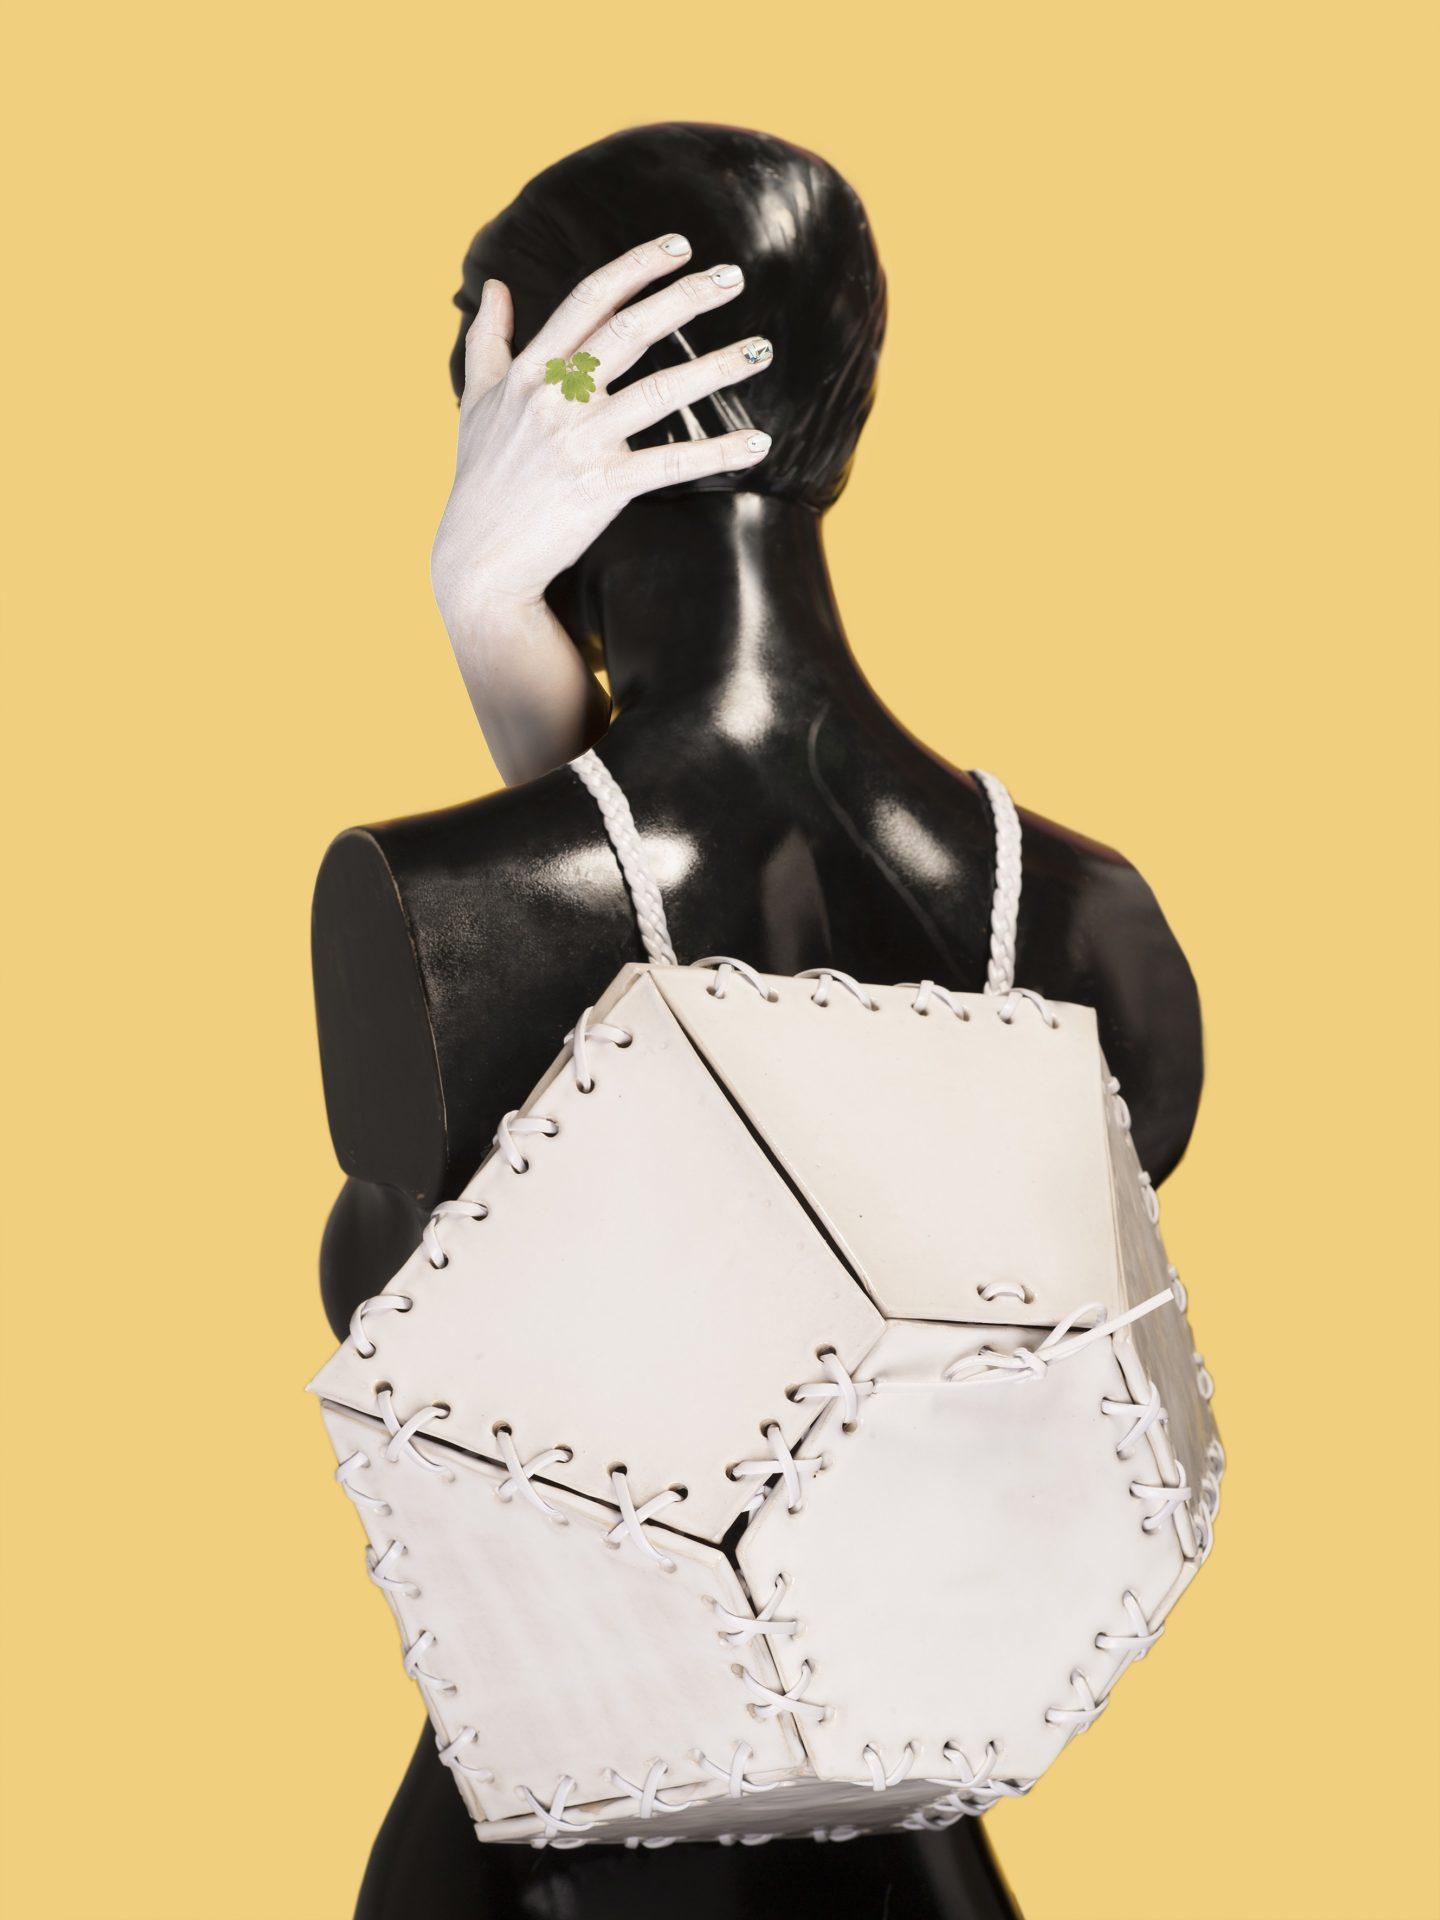 Bagamic ceramic backpack by Solemika & Michał Wójciak. fot.: Marzena Kolarz